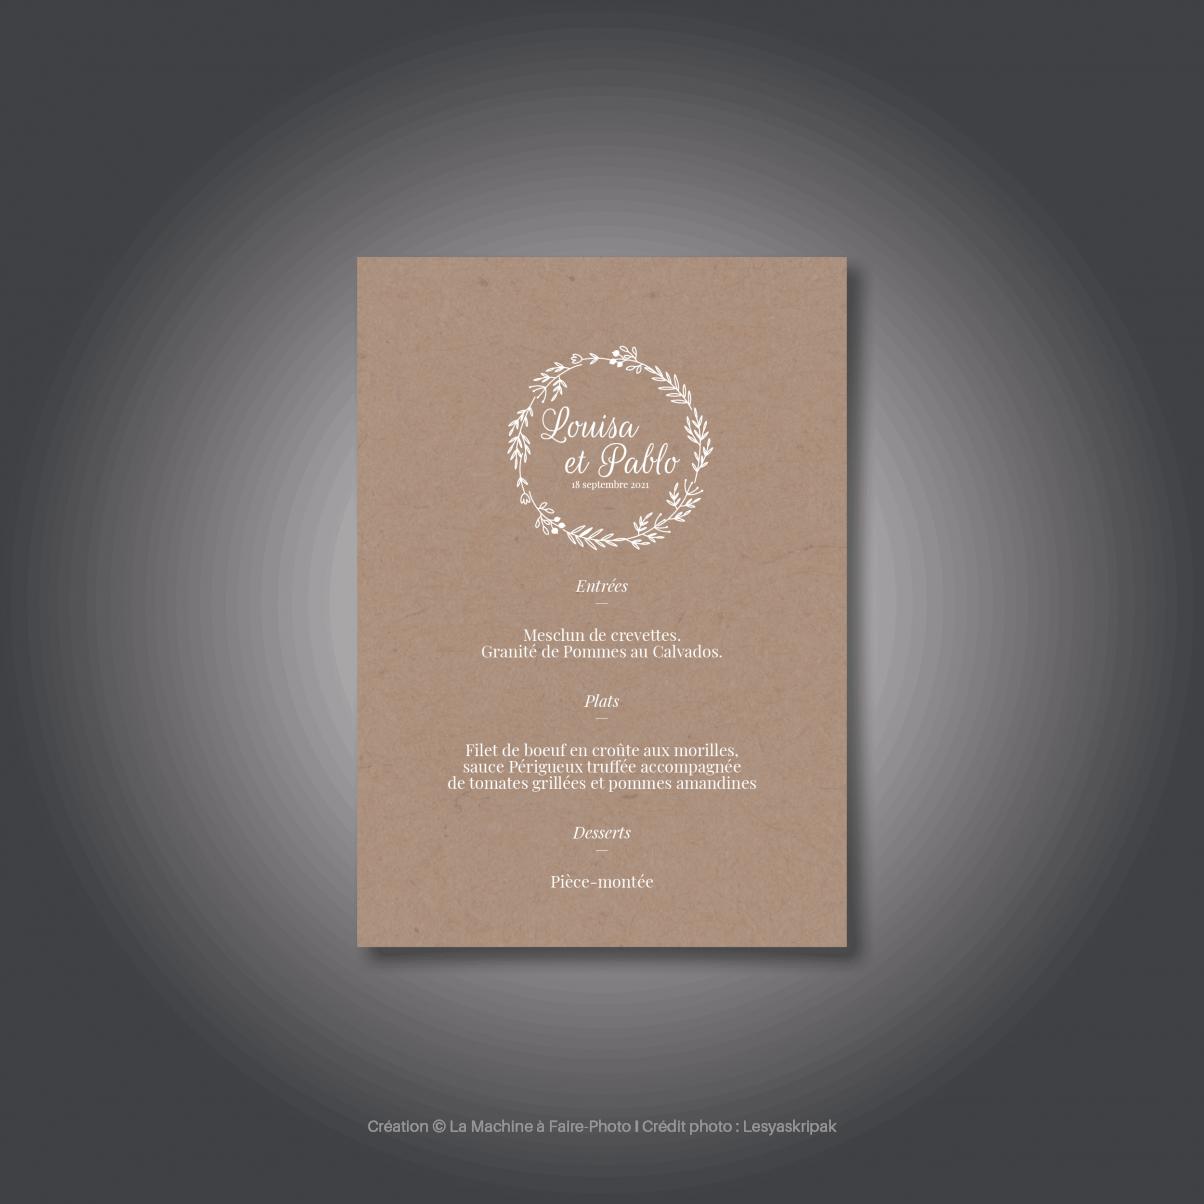 Le menu du mariage de Louisa & Pablo